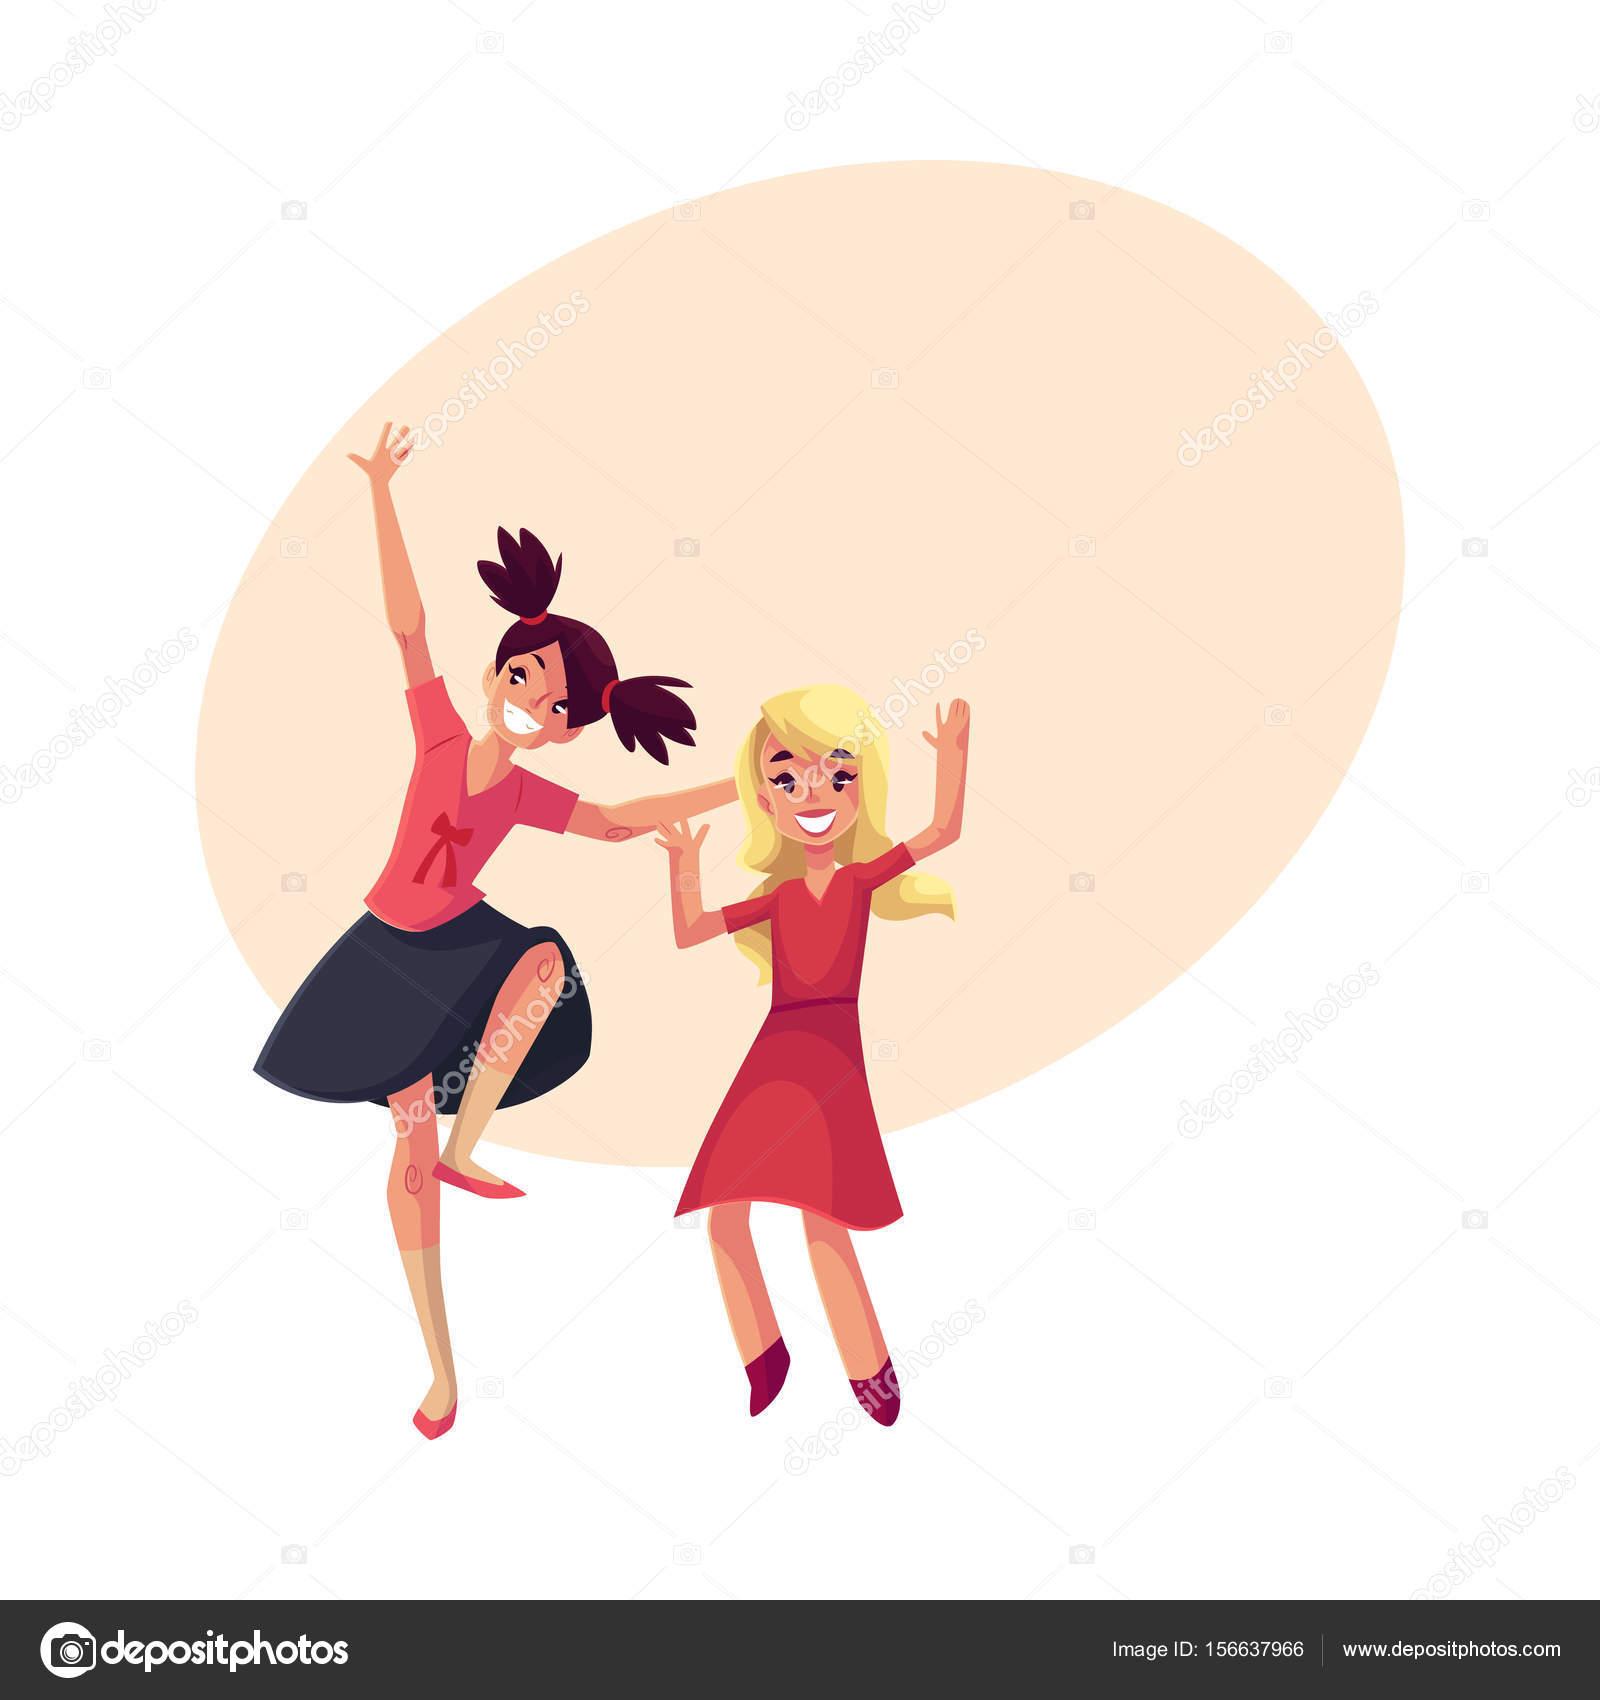 Zwei Mädchen tanzen in der Partei, blaues Kleid, Teenager ...